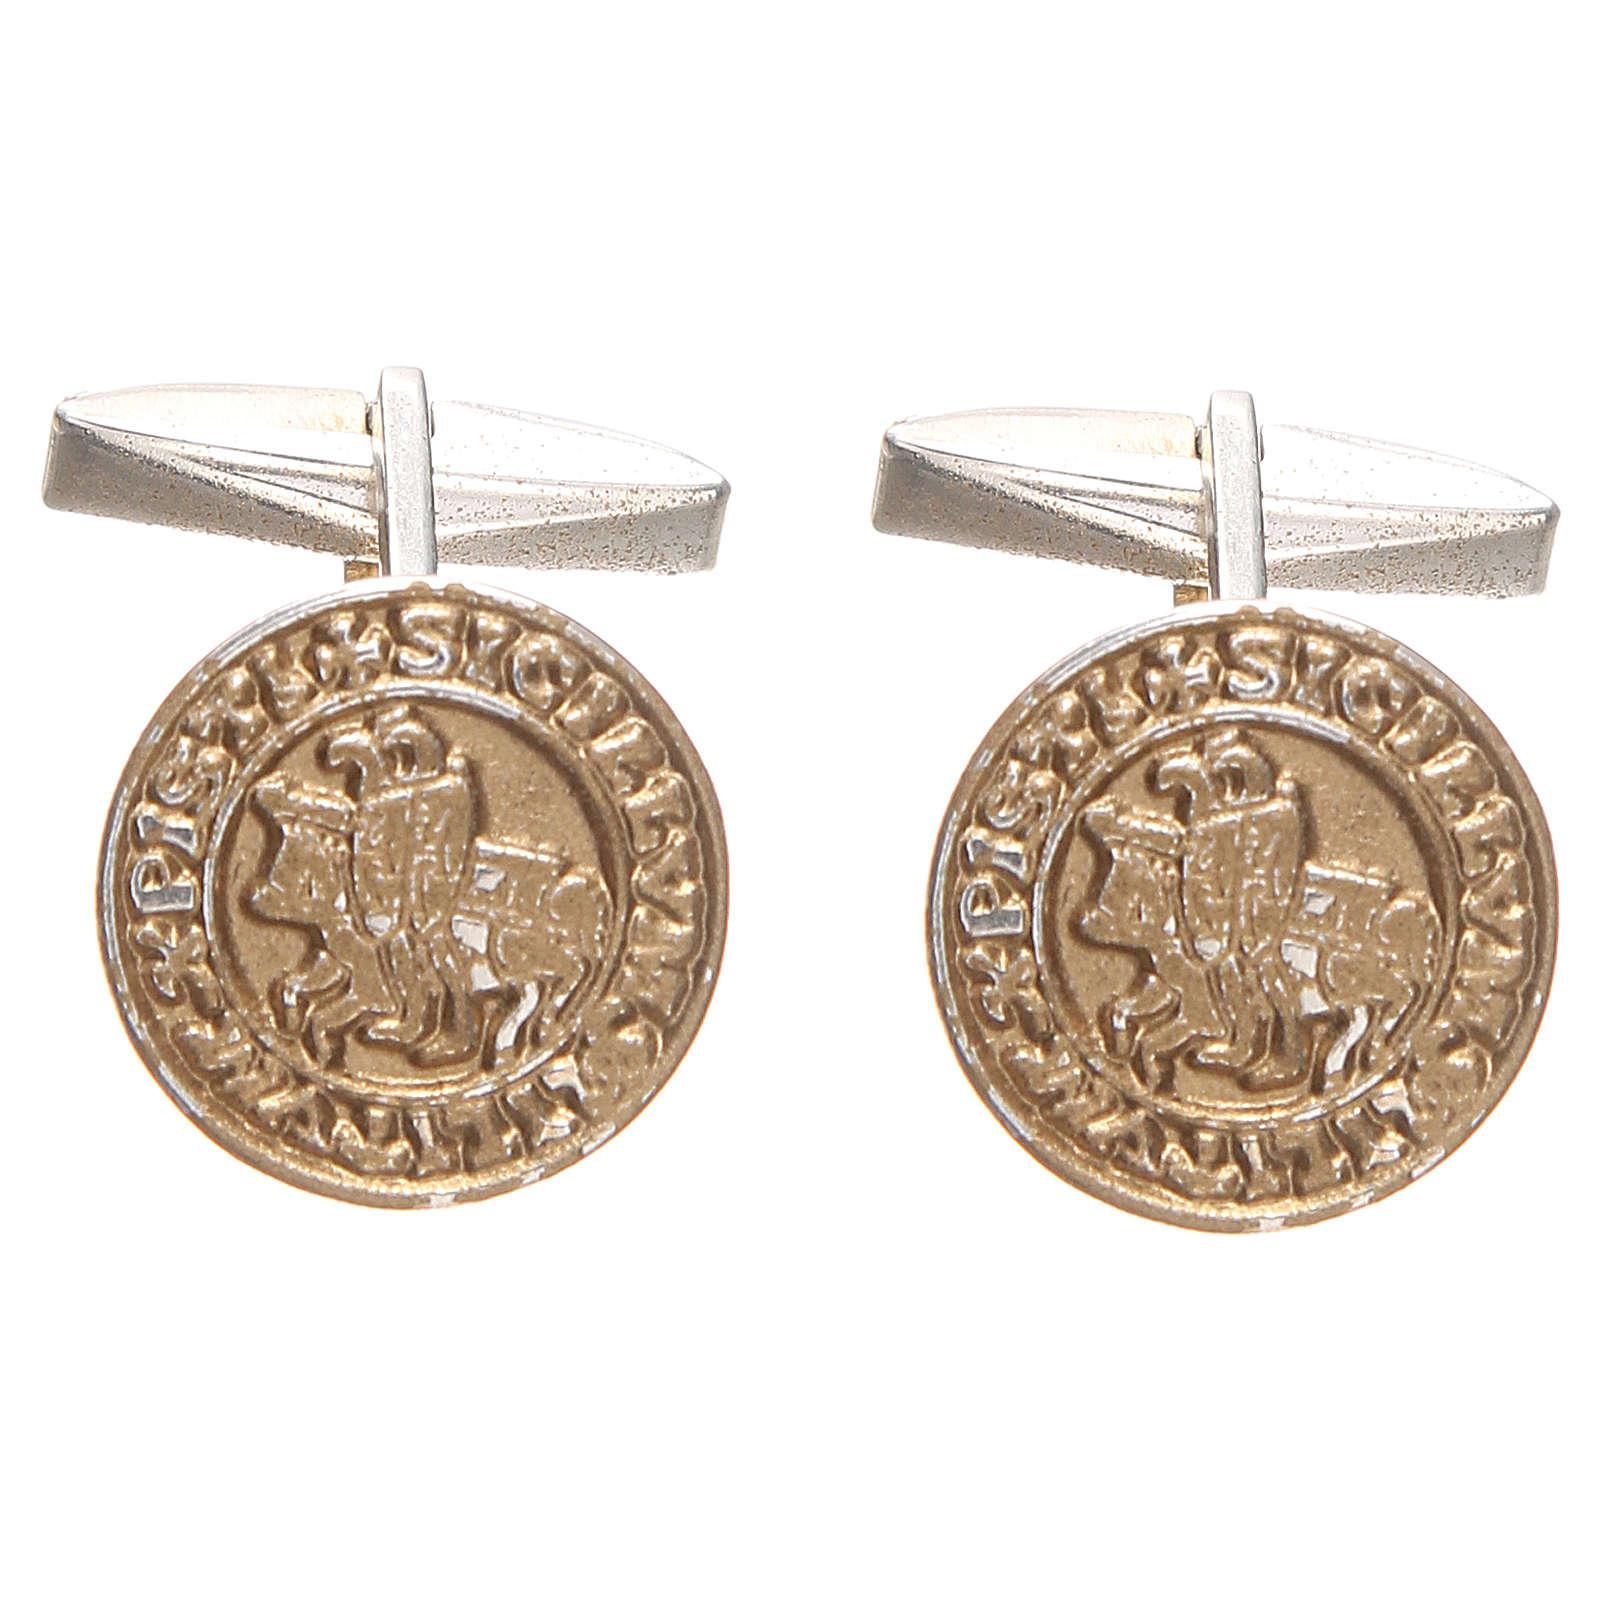 Gemelli per camicia argento 800 dor Sigillum Militum Xpisti 1,6 cm 4